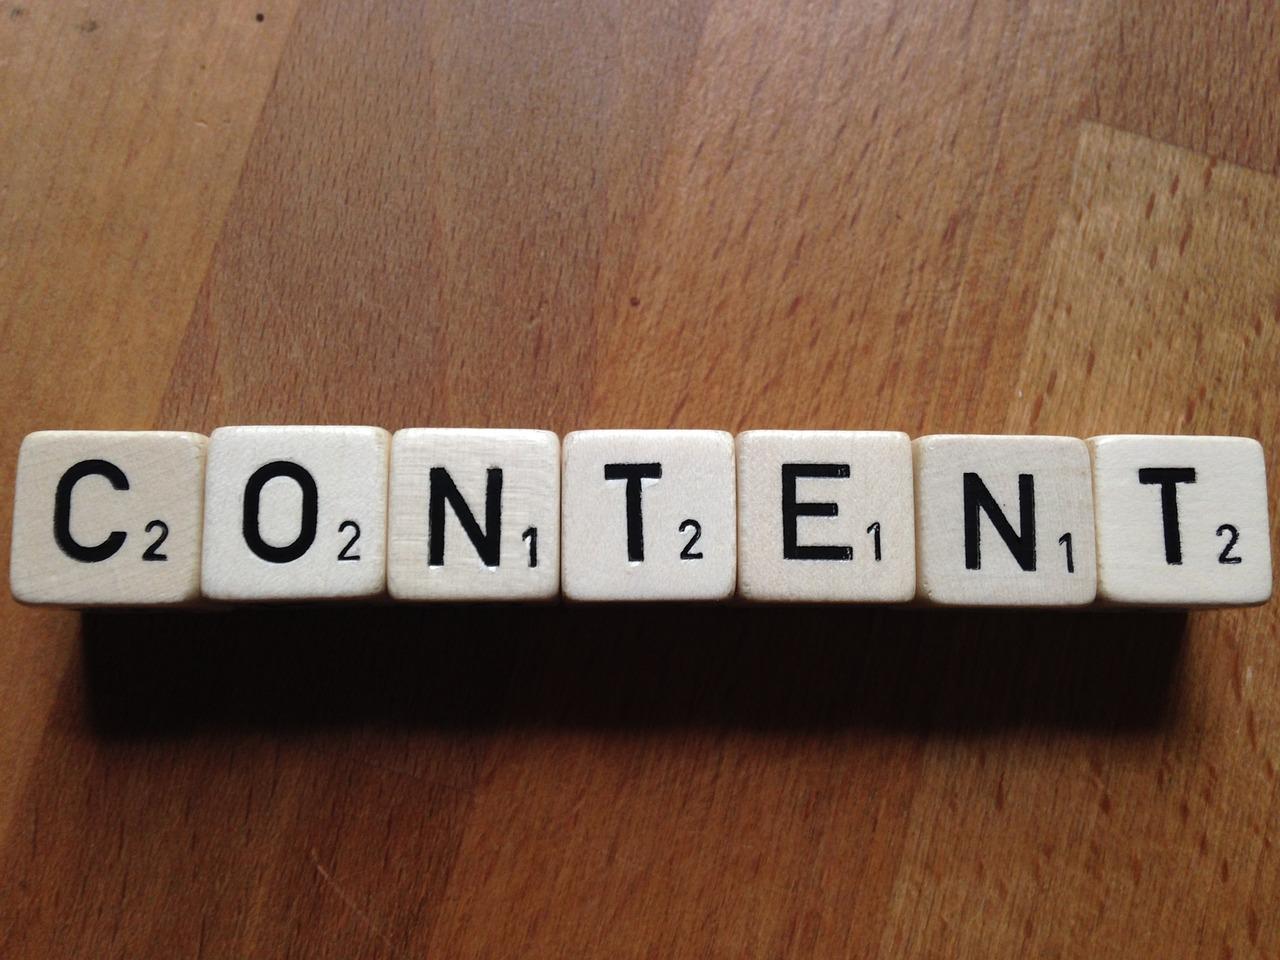 Focus on creating brilliant content